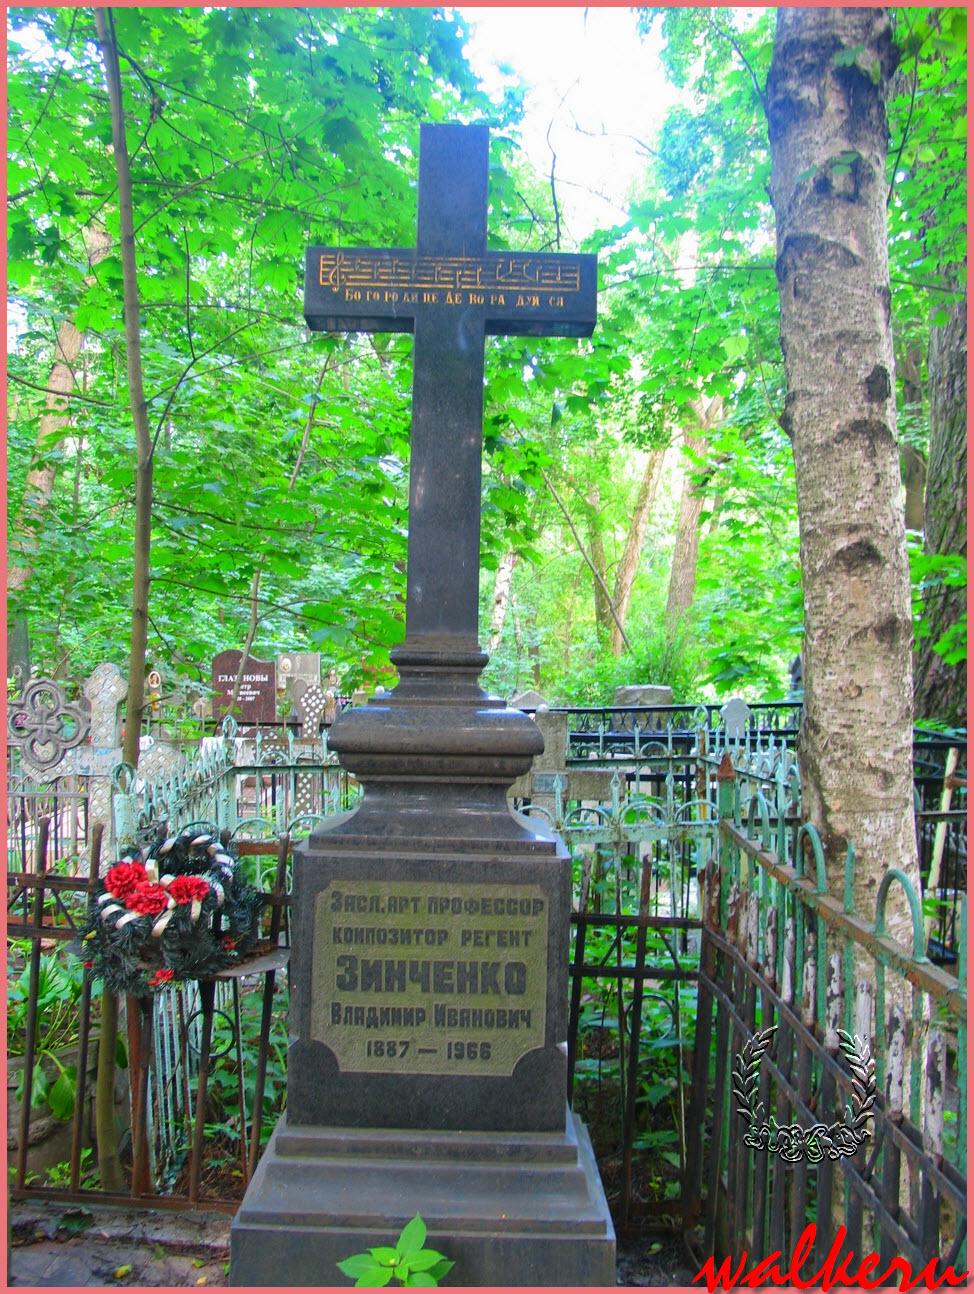 Могила Зинченко В.И. на Большеохтинском кладбище